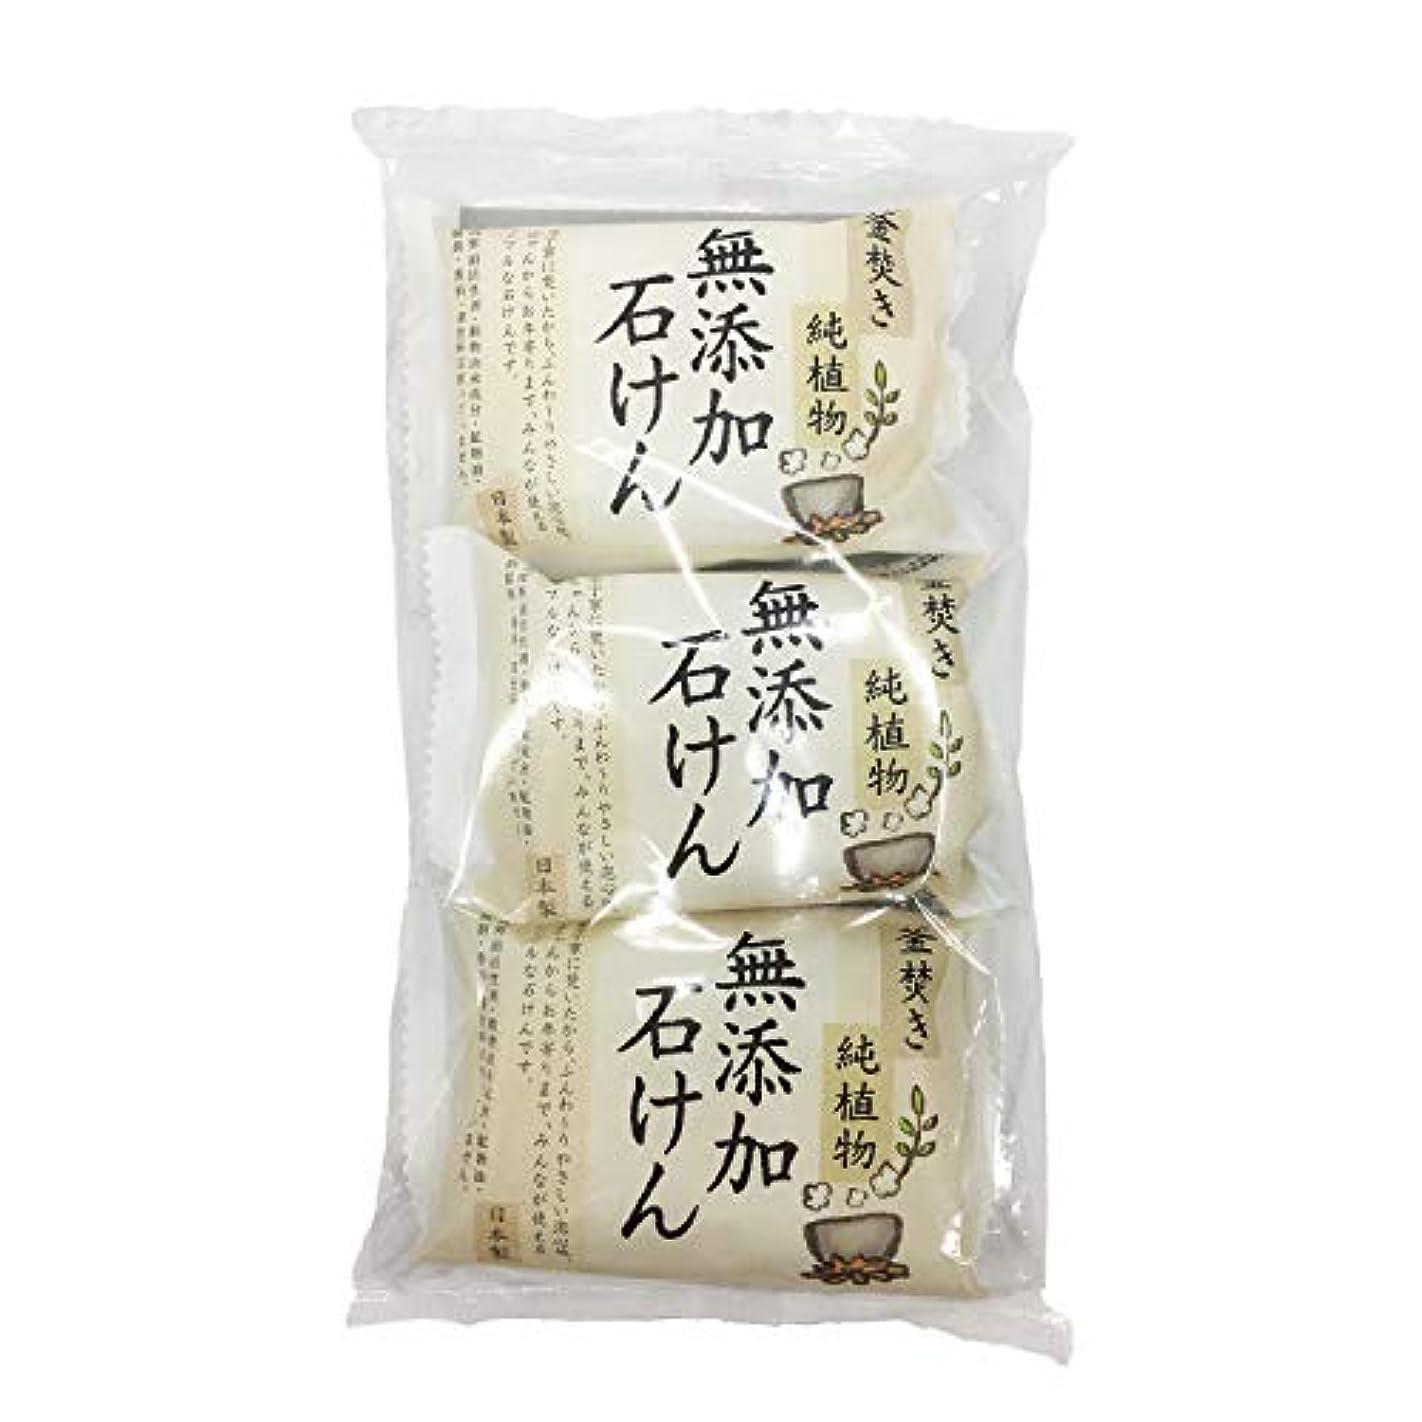 に慣れモザイク深いペリカン石鹸 釜焚き純植物無添加石けん 85g×3個